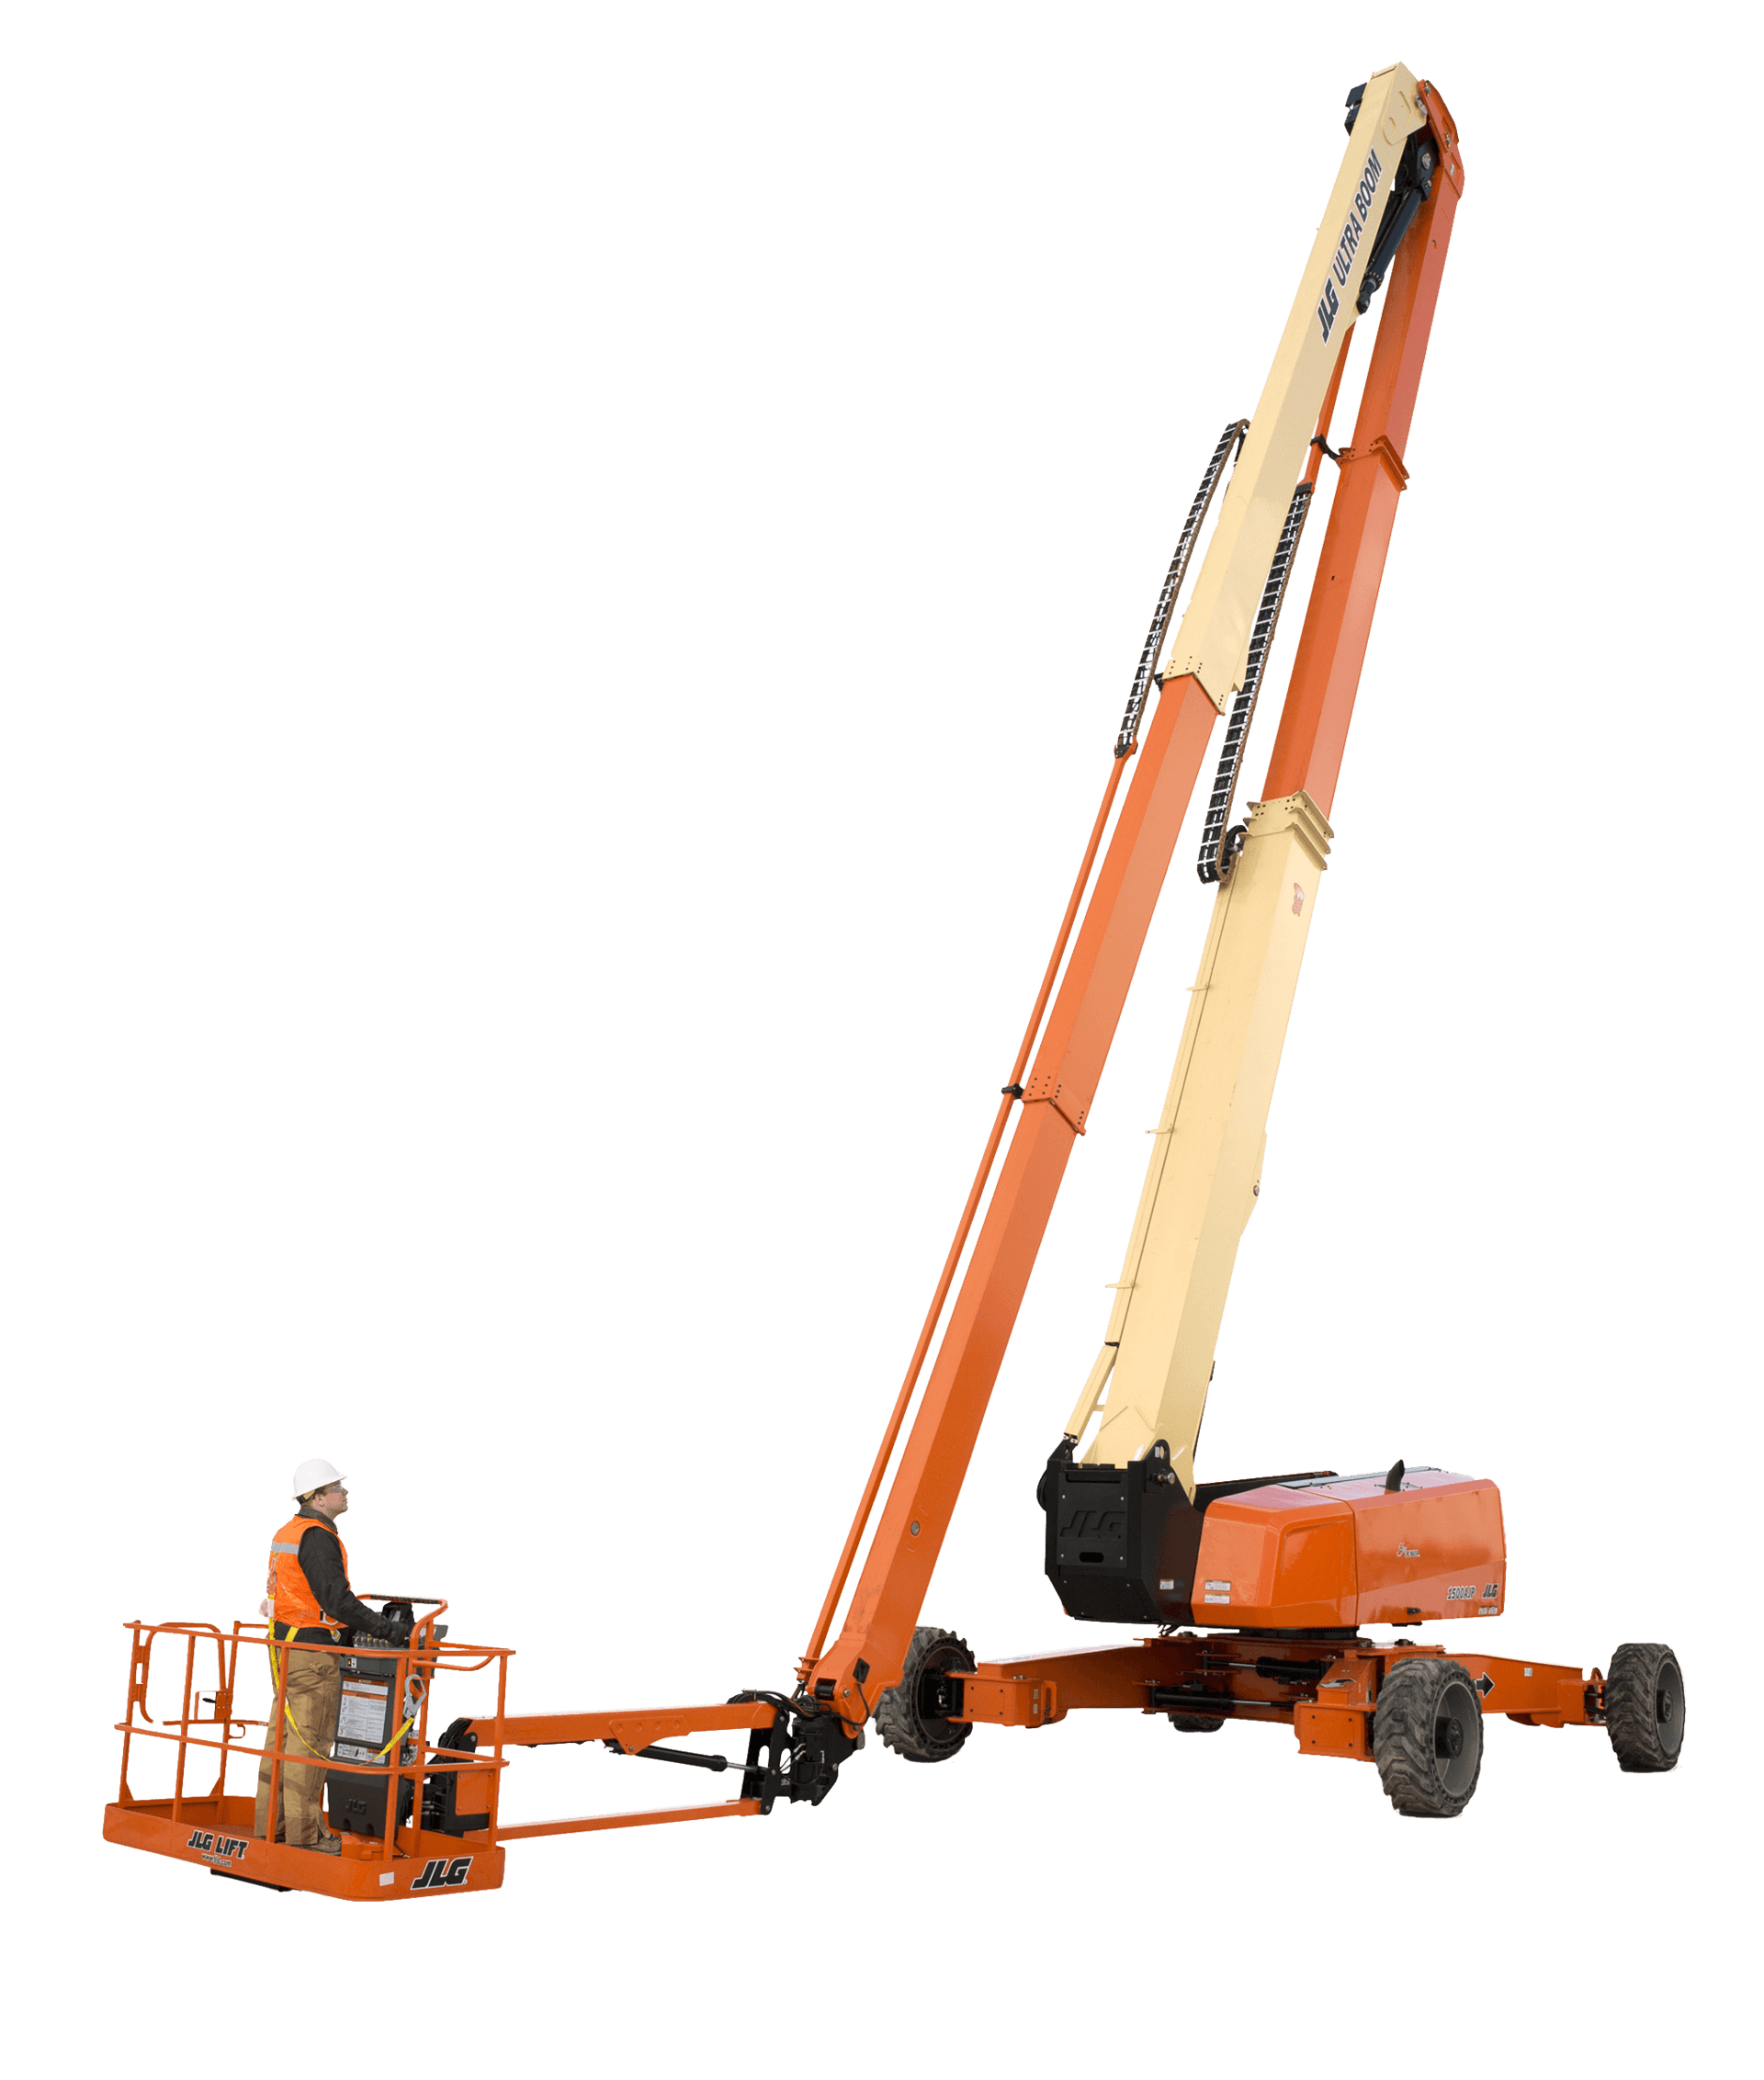 JLG 1500AJP Boom Lift